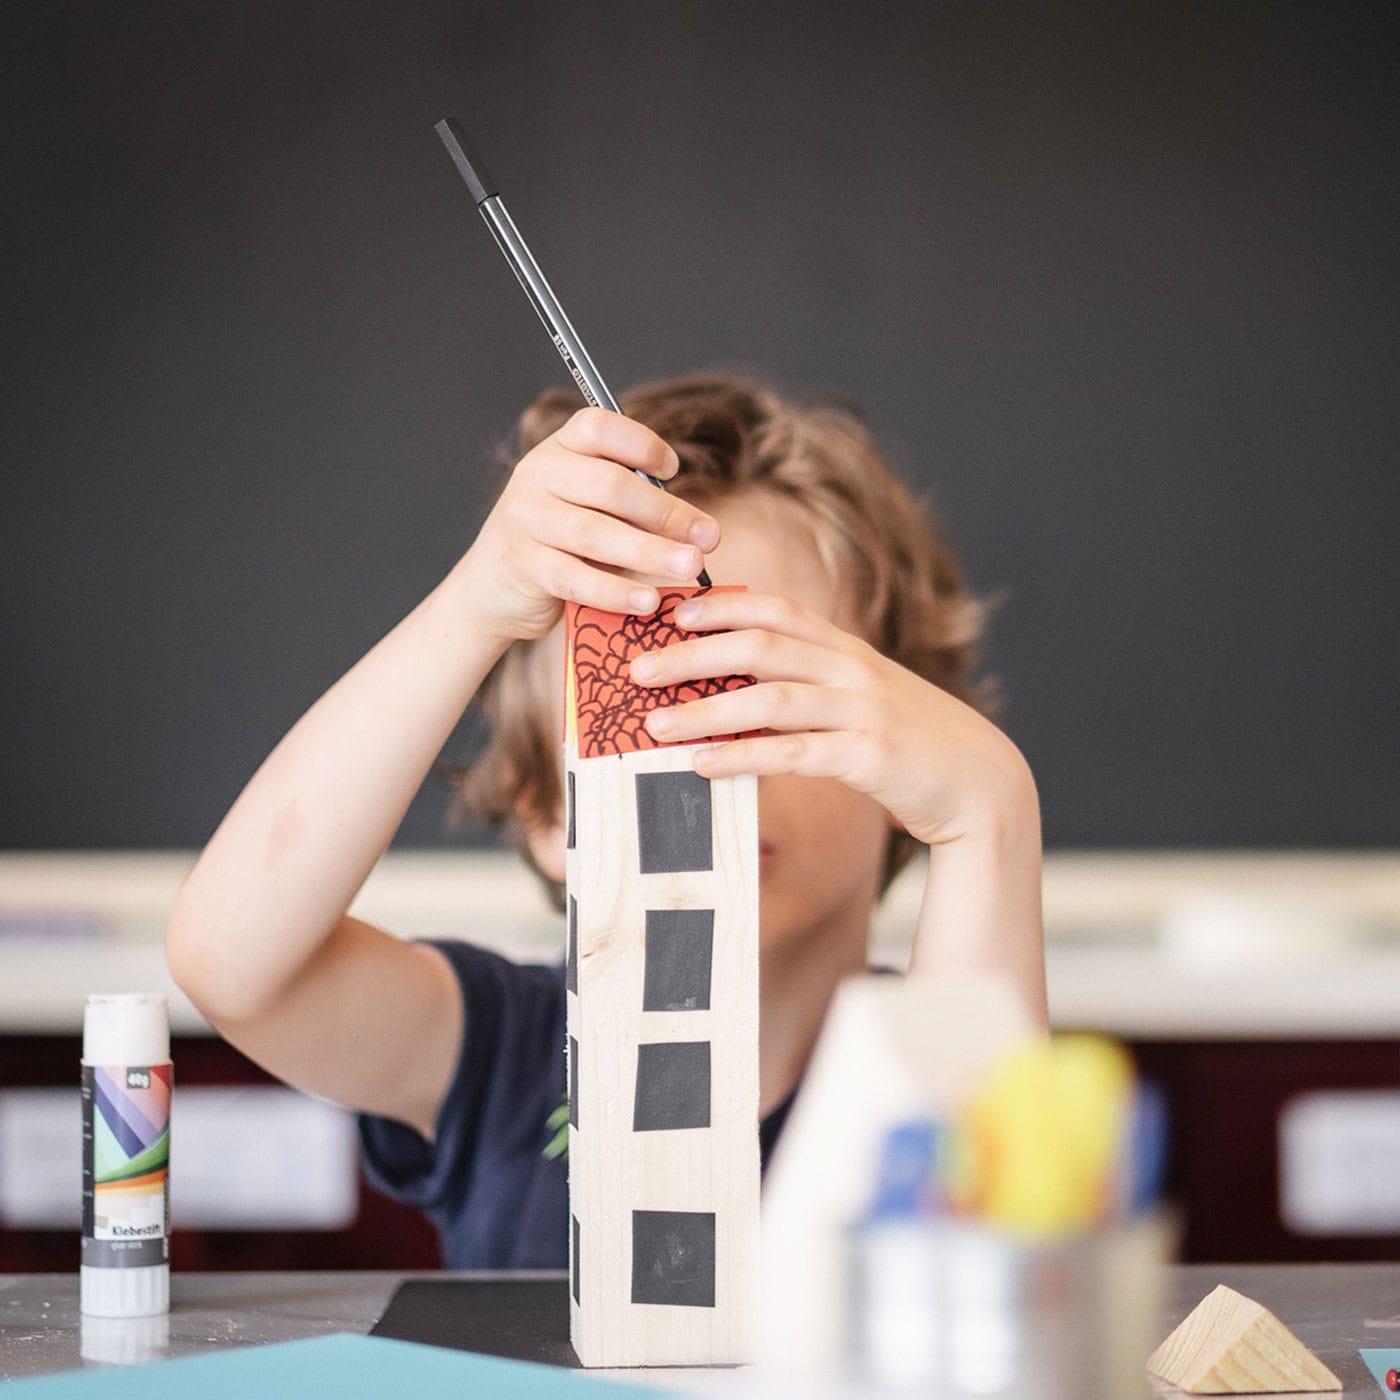 Kreative AngeboteKreative Angebote und Kinderkurse im Kinderkunsthaus in München // HIMBEER und Kurse für Kinder im Kinderkunsthaus in München // HIMBEER